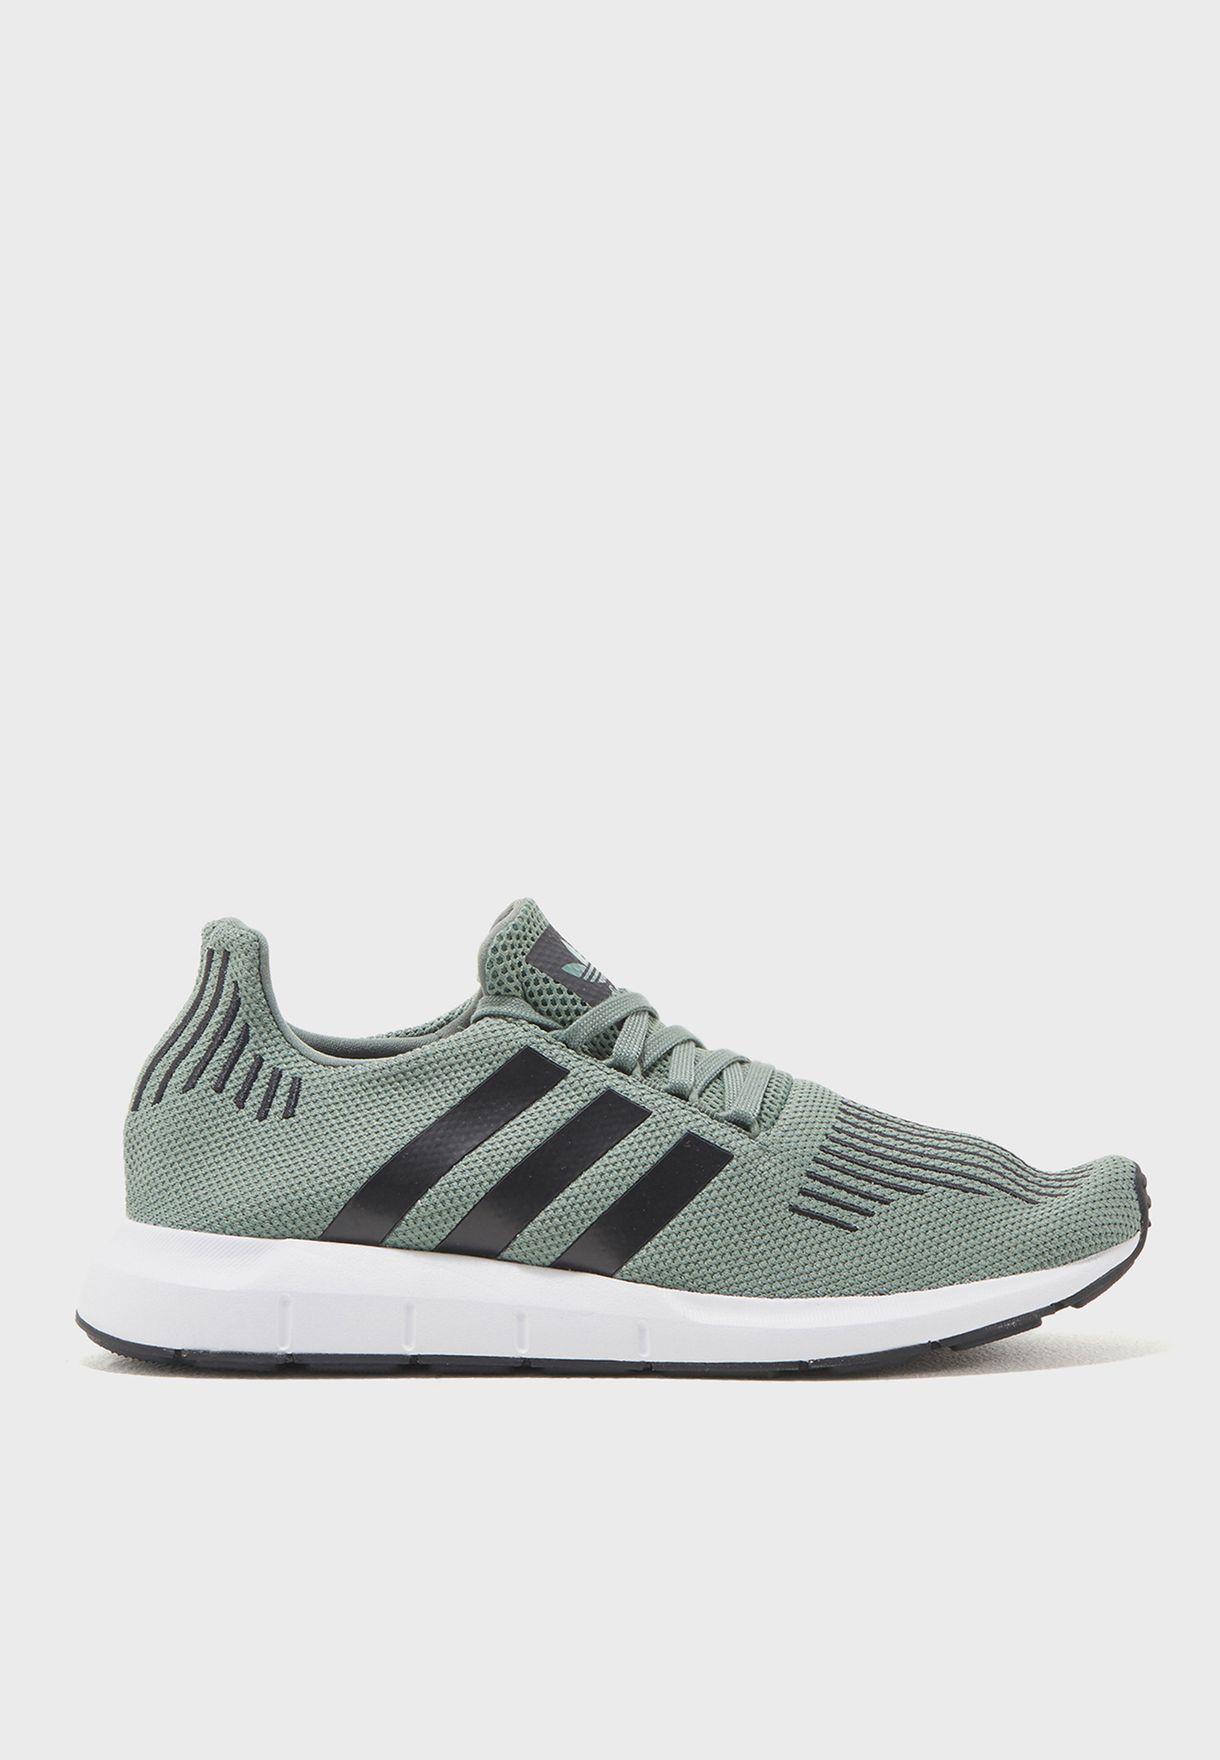 048537a8dd4d0 Shop adidas Originals green Swift Run CG4115 for Men in UAE ...